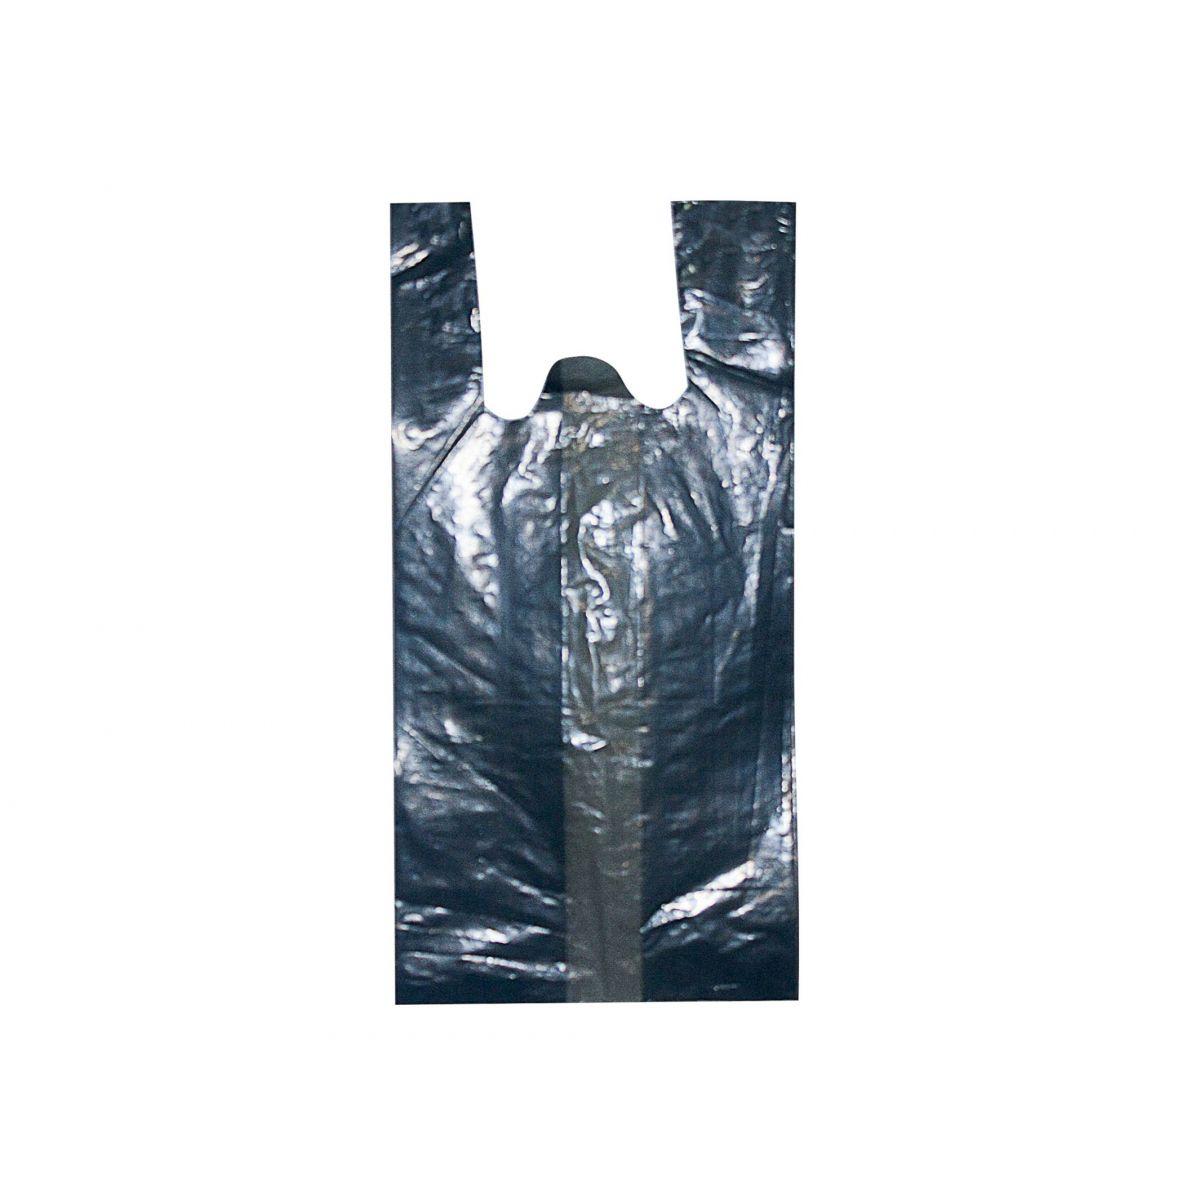 Sacola plástica Alça Camiseta - Preta Reciclada - 60x80cm - Pacote 90 unid (5 KG)